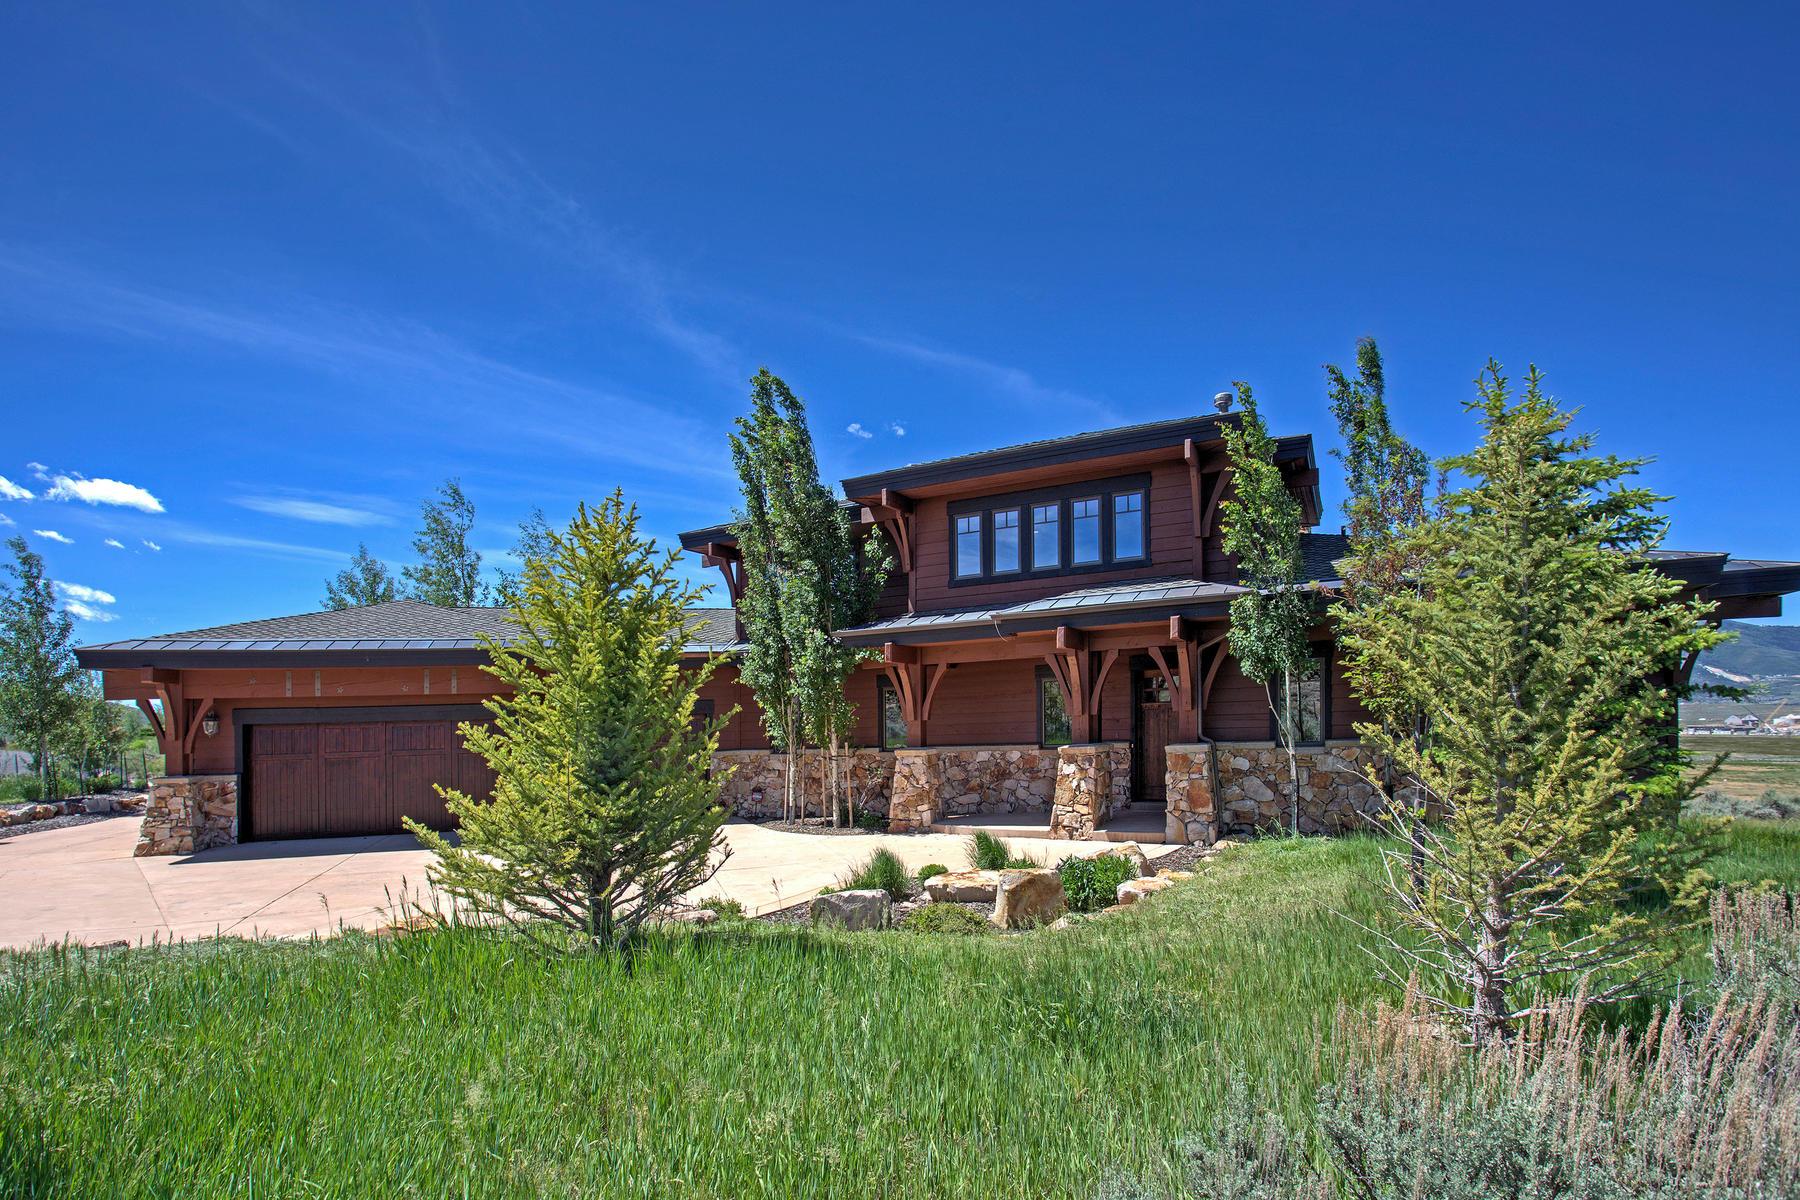 Частный односемейный дом для того Продажа на Location, Views, Furnishings & Membership Deposit All Included 7342 N Westview Draw Park City, Юта, 84098 Соединенные Штаты